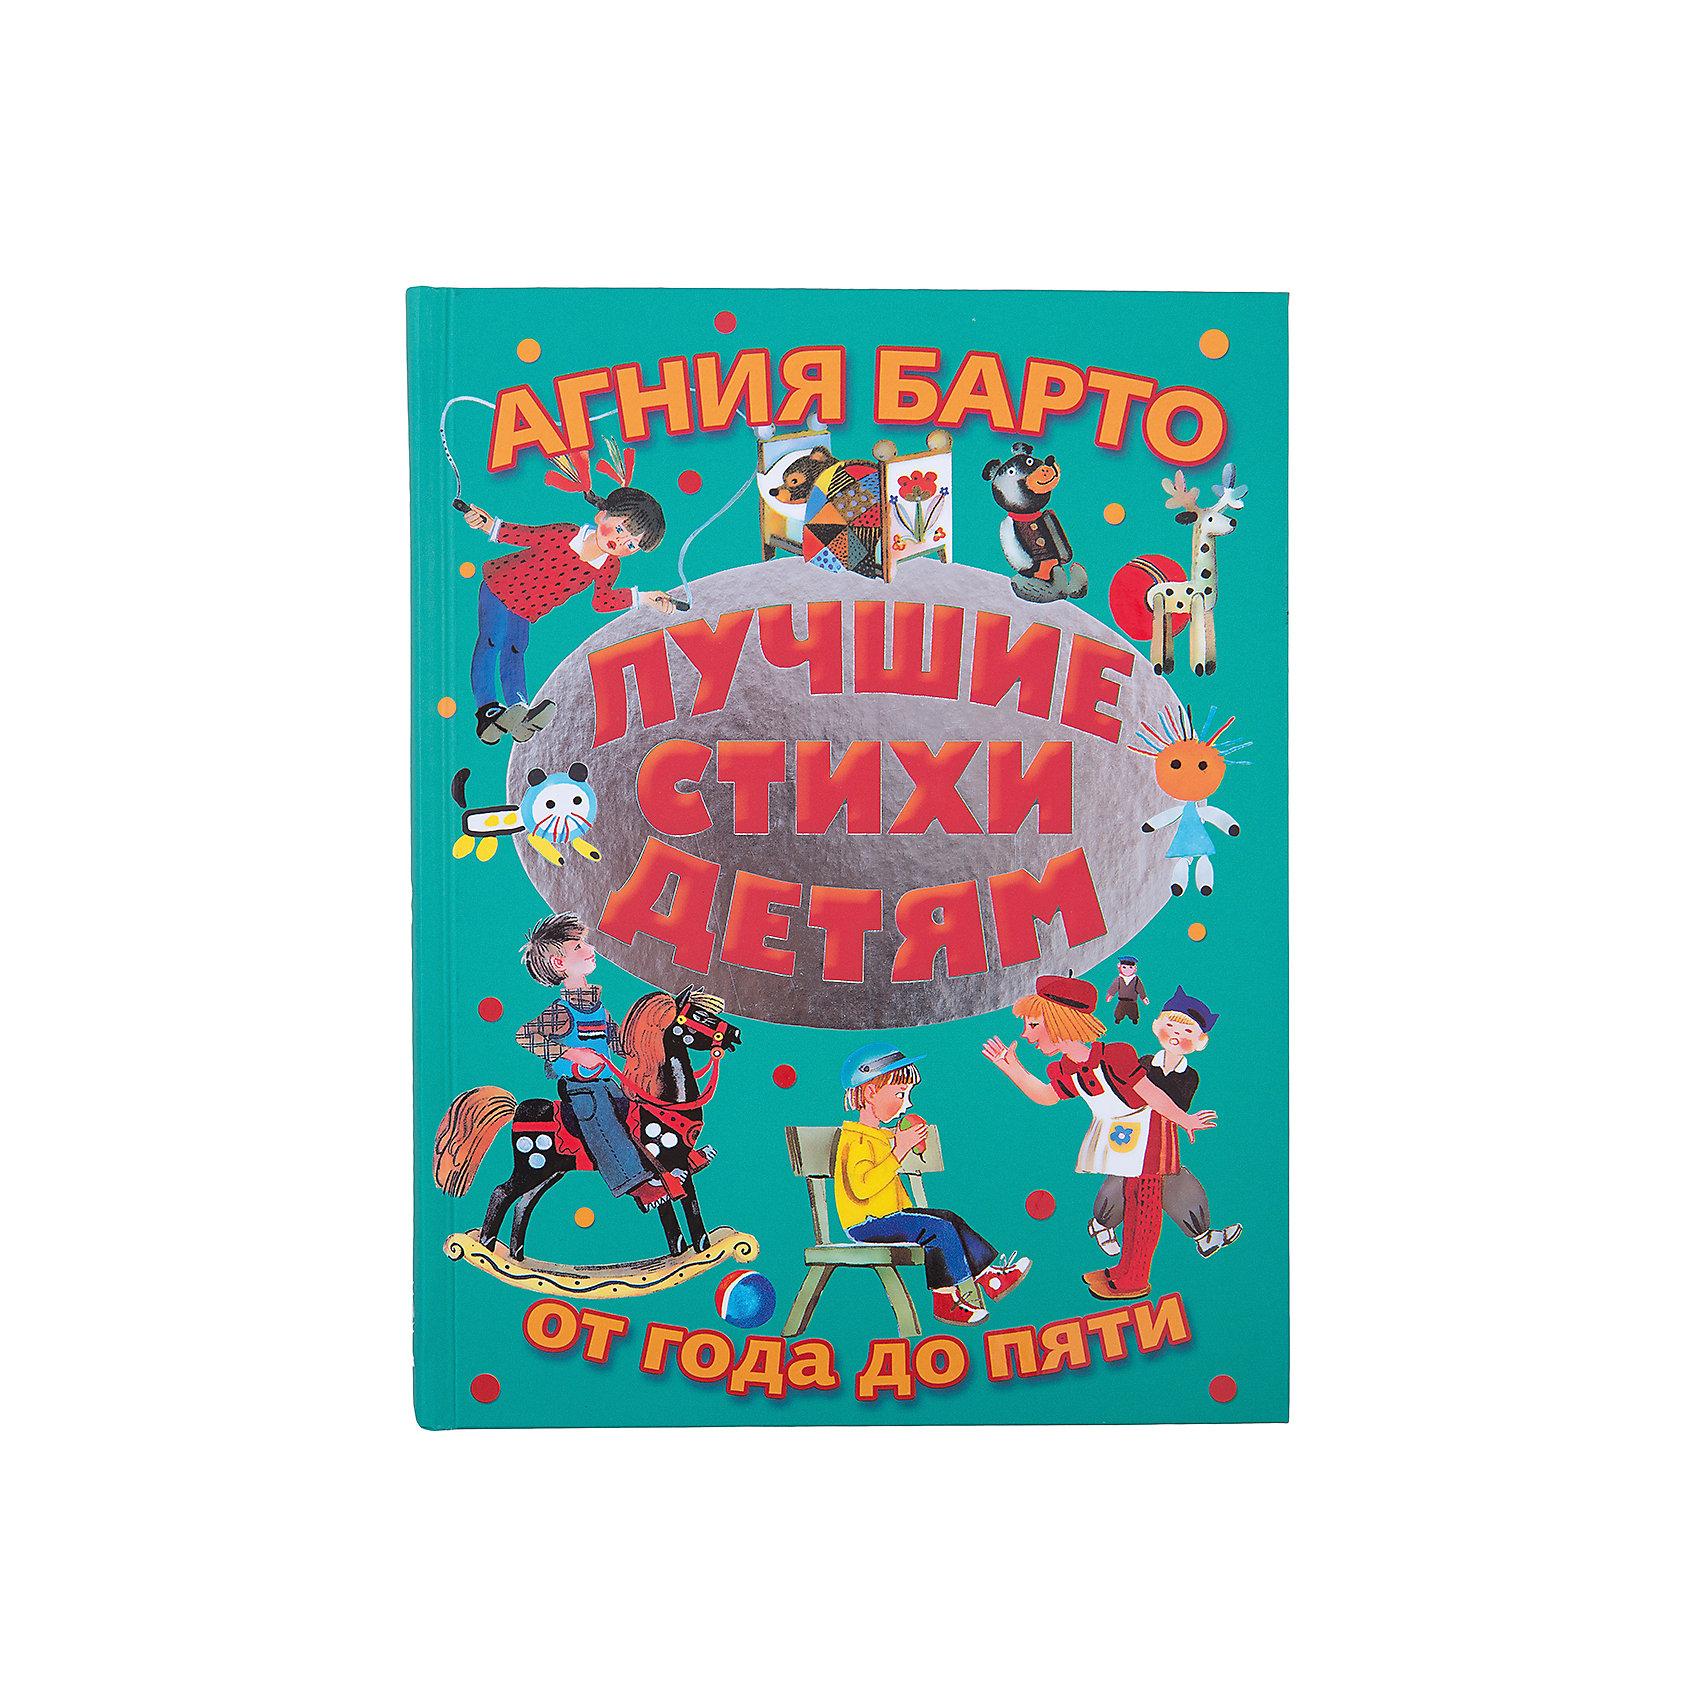 Лучшие стихи детям от года до пятиМАЛЫШ<br>В этой замечательной книге собраны любимые и всем известные стихи Агнии Барто. Издание дополнено красочными иллюстрациями, которые обязательно привекут внимание малышей. <br><br>Дополнительная информация:<br><br>- Автор: Агния Барто.<br>- Формат: 26,5x20 см.<br>- Переплет: твердый. <br>- Количество страниц: 240.<br>- Иллюстрации: цветные.<br><br>Книгу Лучшие стихи детям от года до пяти можно купить в нашем магазине.<br><br>Внимание! В соответствии с Постановлением Правительства Российской Федерации от 19.01.1998 № 55, непродовольственные товары надлежащего качества нижеследующих категорий не подлежат возврату и обмену: непериодические издания (книги, брошюры, альбомы, картографические и нотные издания, листовые изоиздания, календари, буклеты, открытки, издания, воспроизведенные на технических носителях информации).<br><br>Ширина мм: 255<br>Глубина мм: 195<br>Высота мм: 19<br>Вес г: 800<br>Возраст от месяцев: 0<br>Возраст до месяцев: 36<br>Пол: Унисекс<br>Возраст: Детский<br>SKU: 4760105